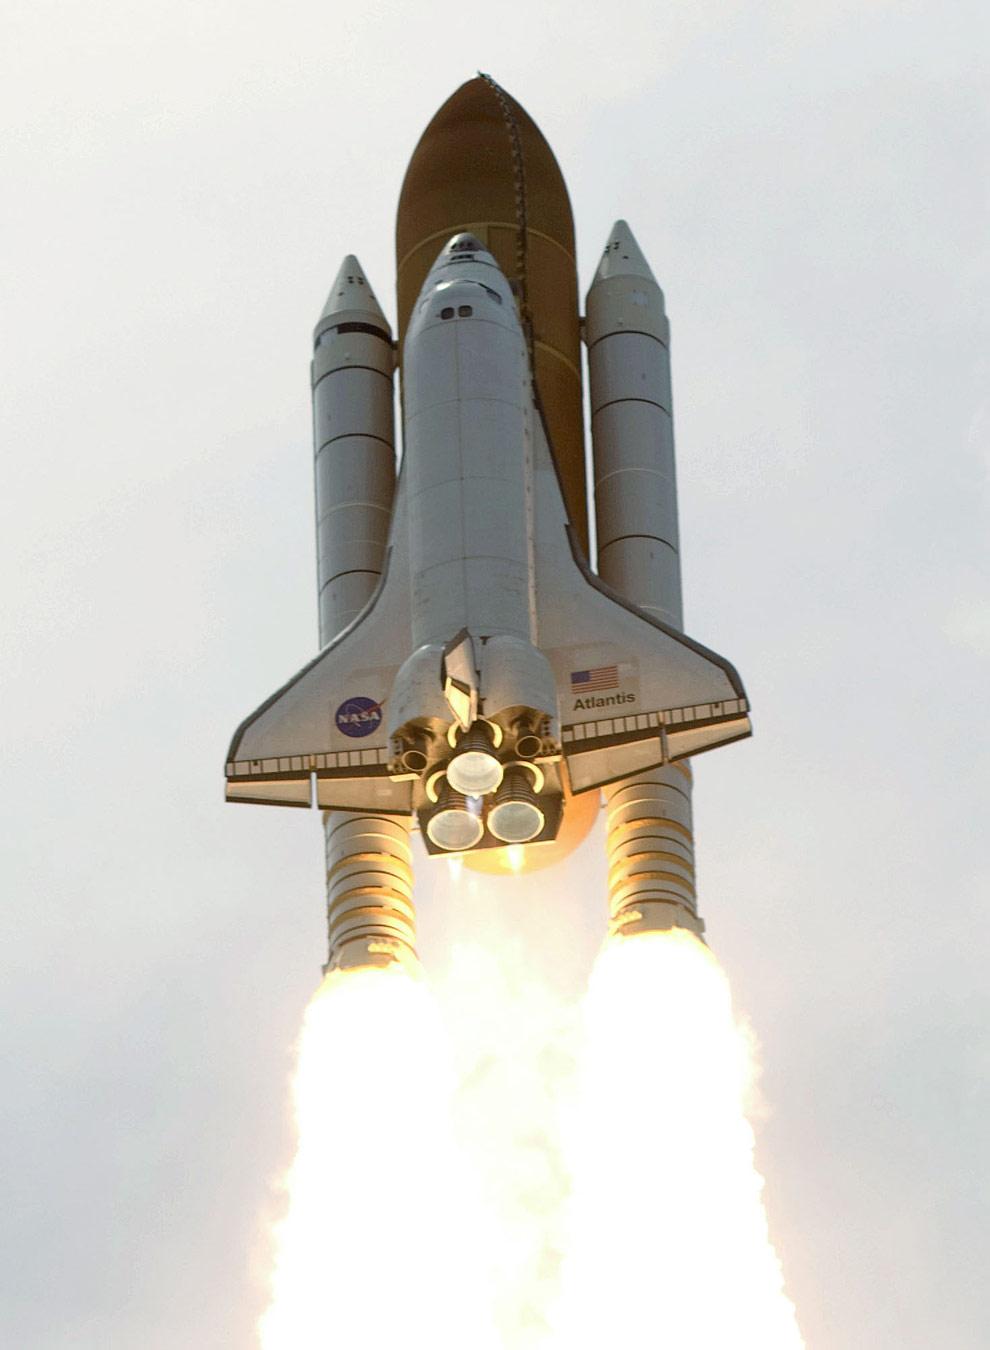 Шаттл «Атлантис» с семью членами экипажа на борту отправляется на околоземную орбиту для починки космического телескопа Хаббл. (NASA)